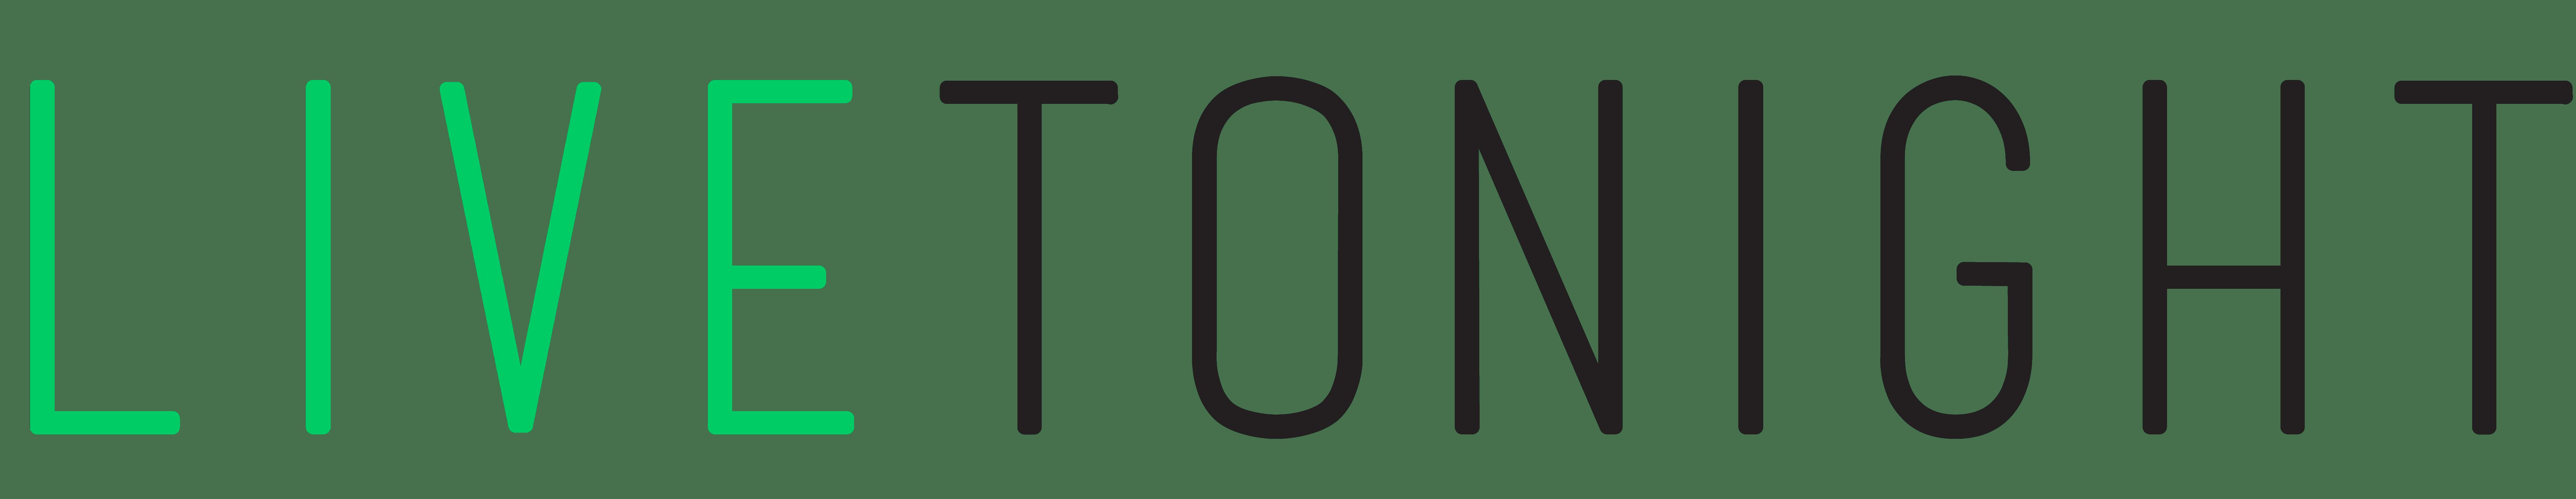 Lt logo vert2